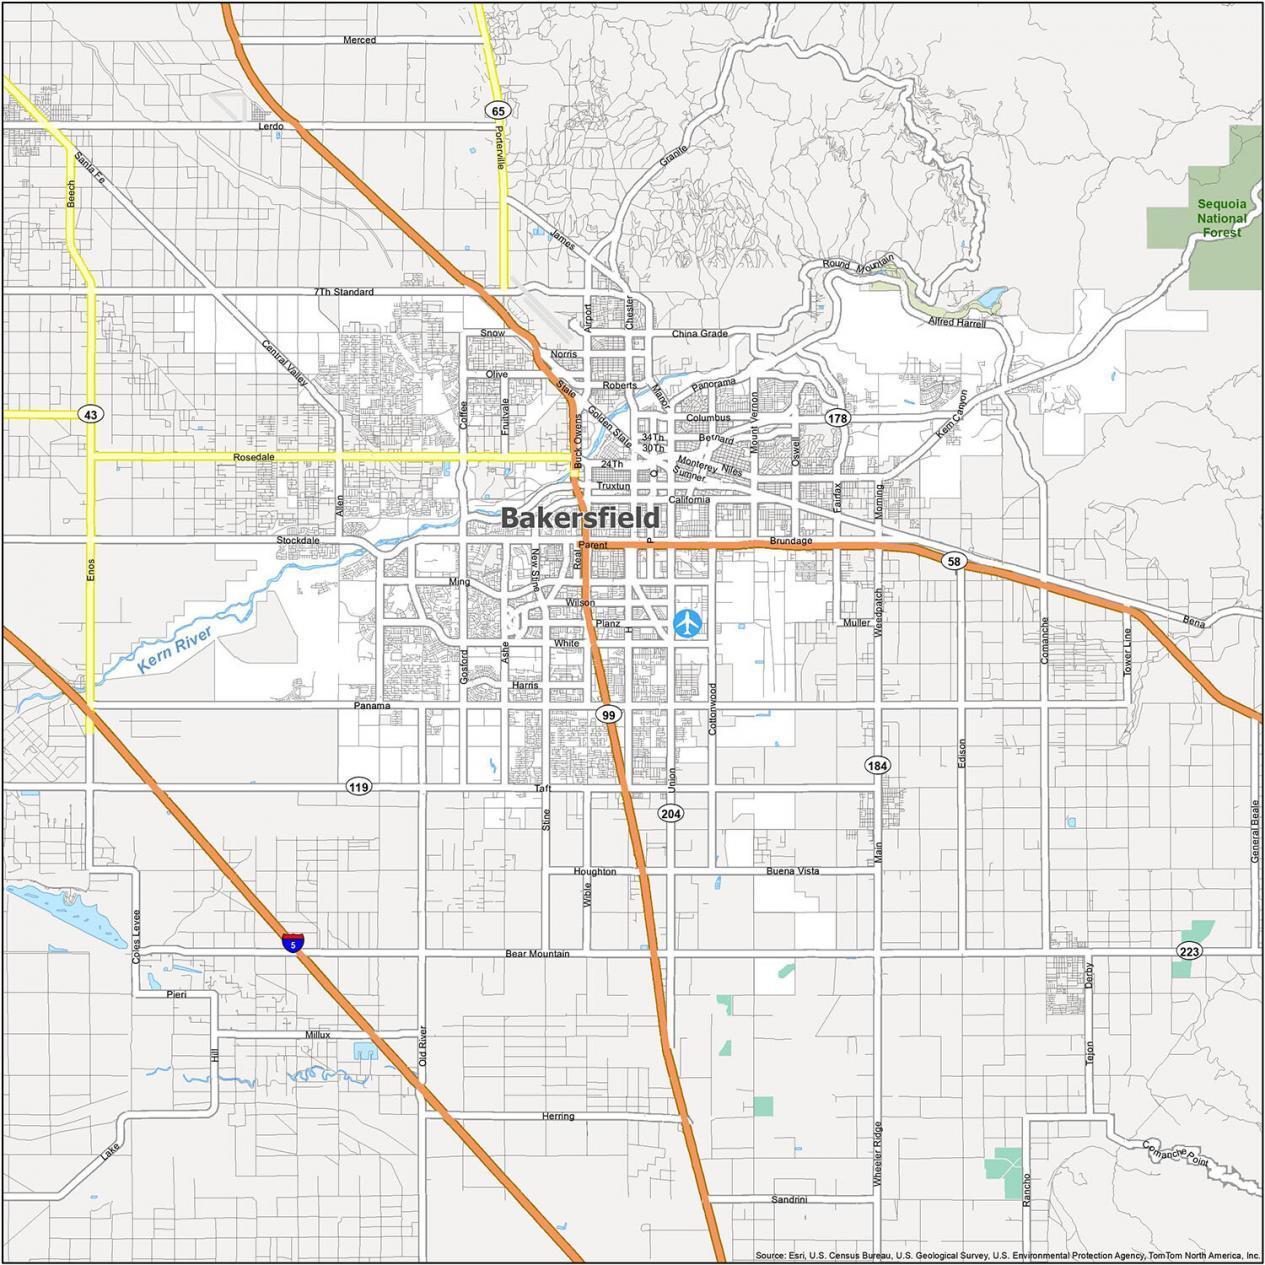 Bakersfield Road Map